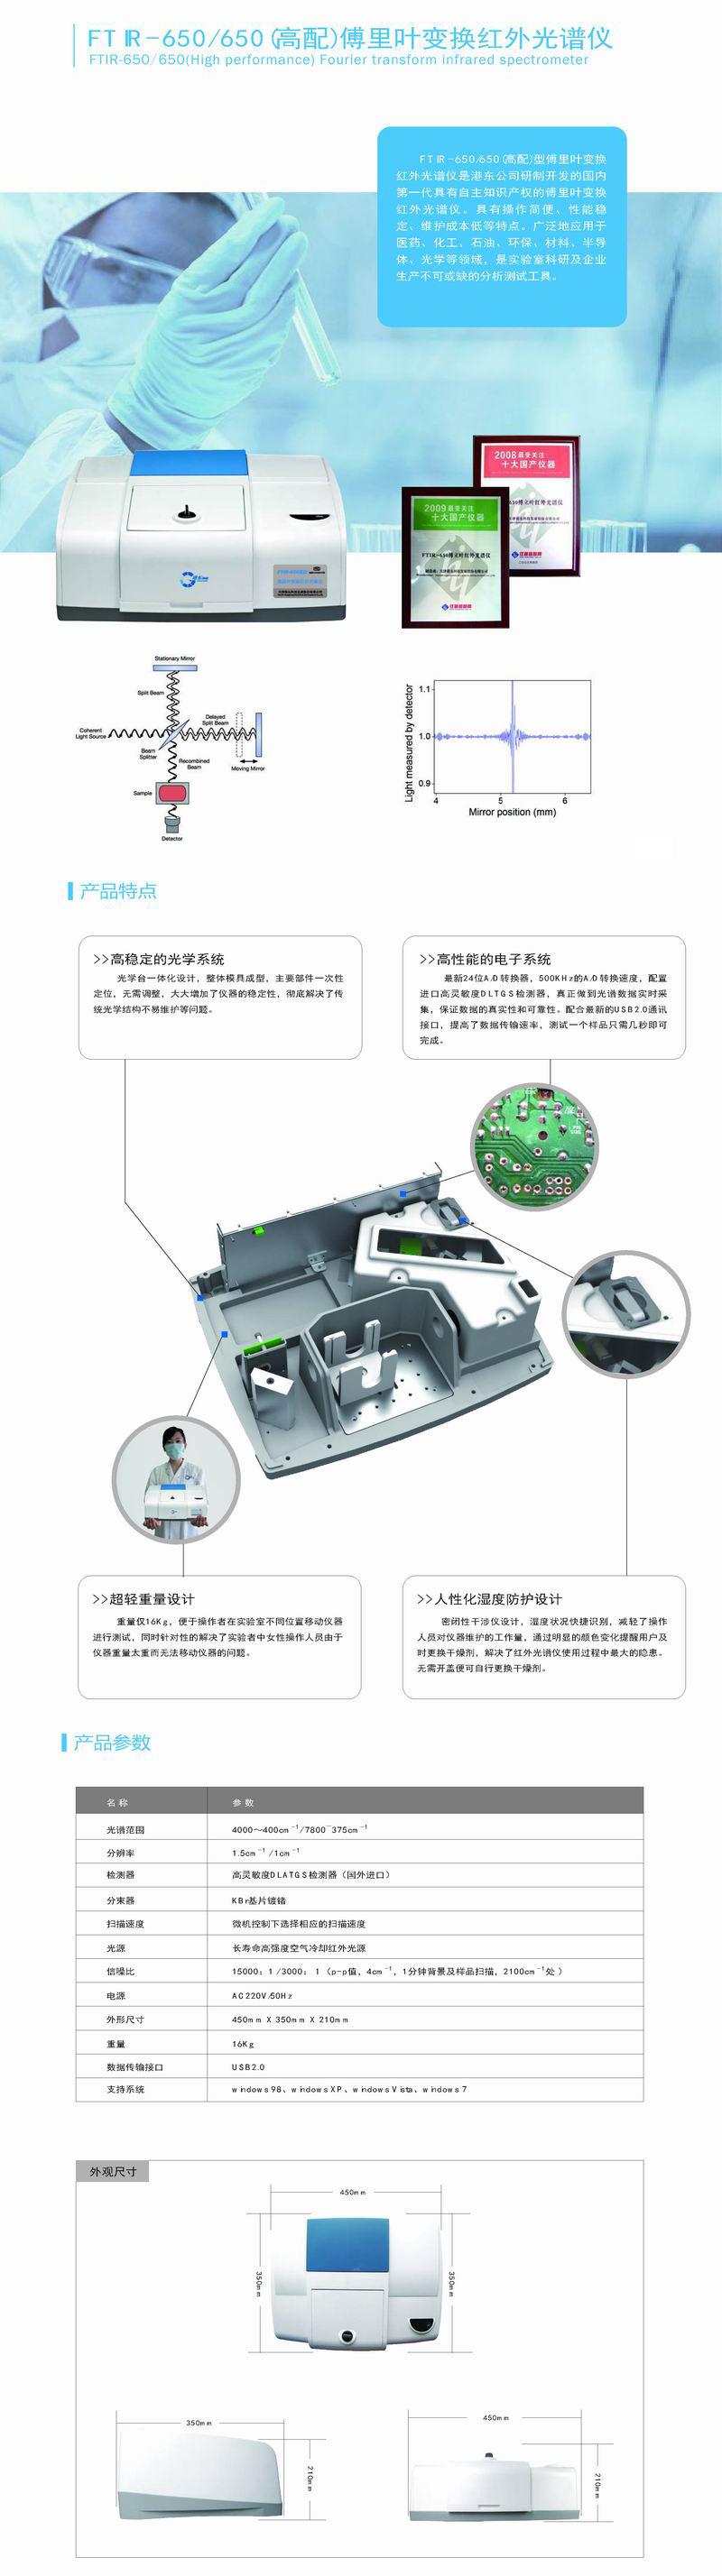 FTIR-650傅里叶变换红外光谱仪简介